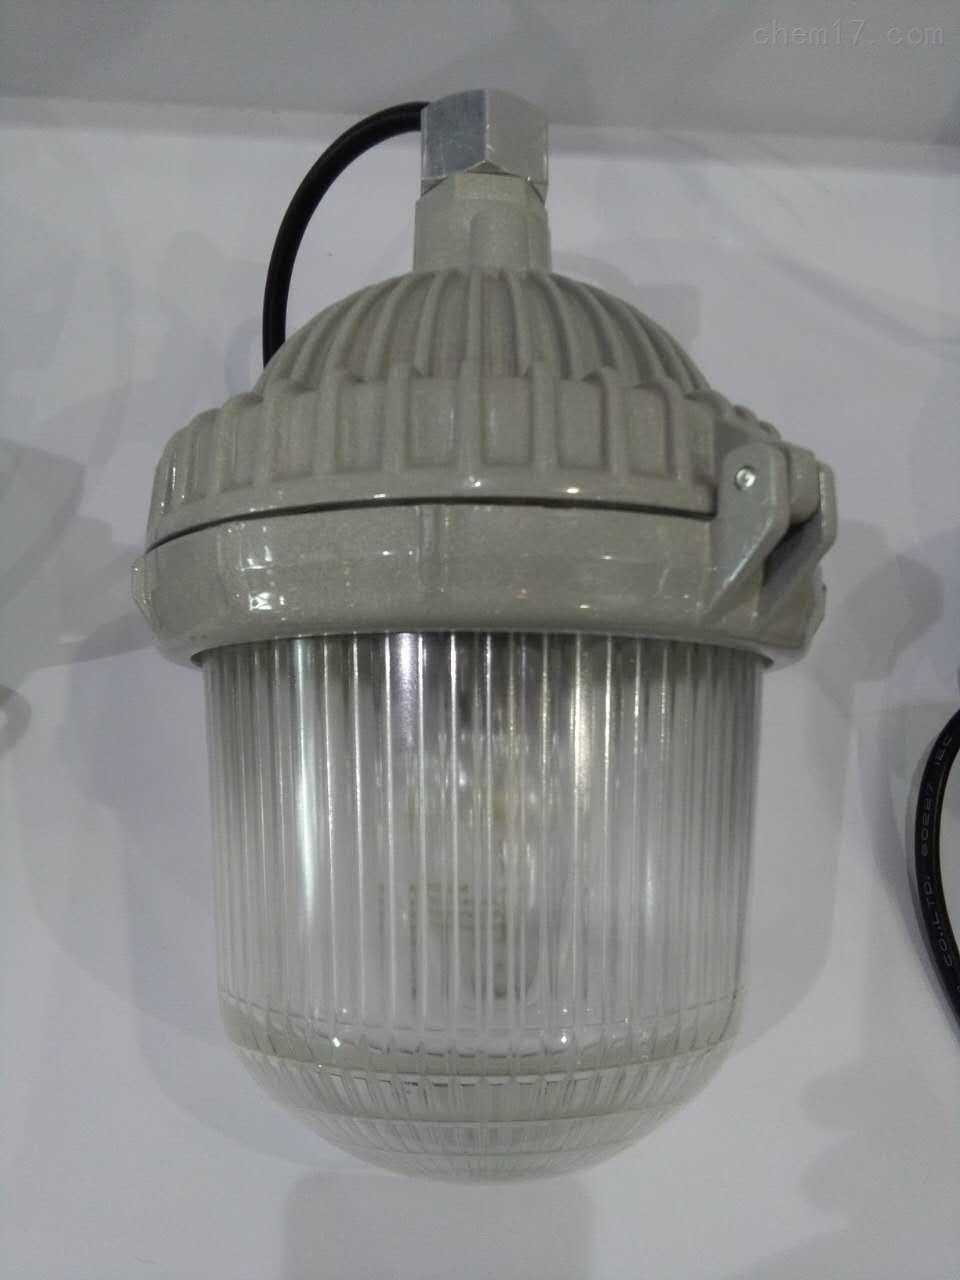 供应海洋王NFC9112防眩平台灯,辽宁沈阳海洋王NFC9112防眩平台灯